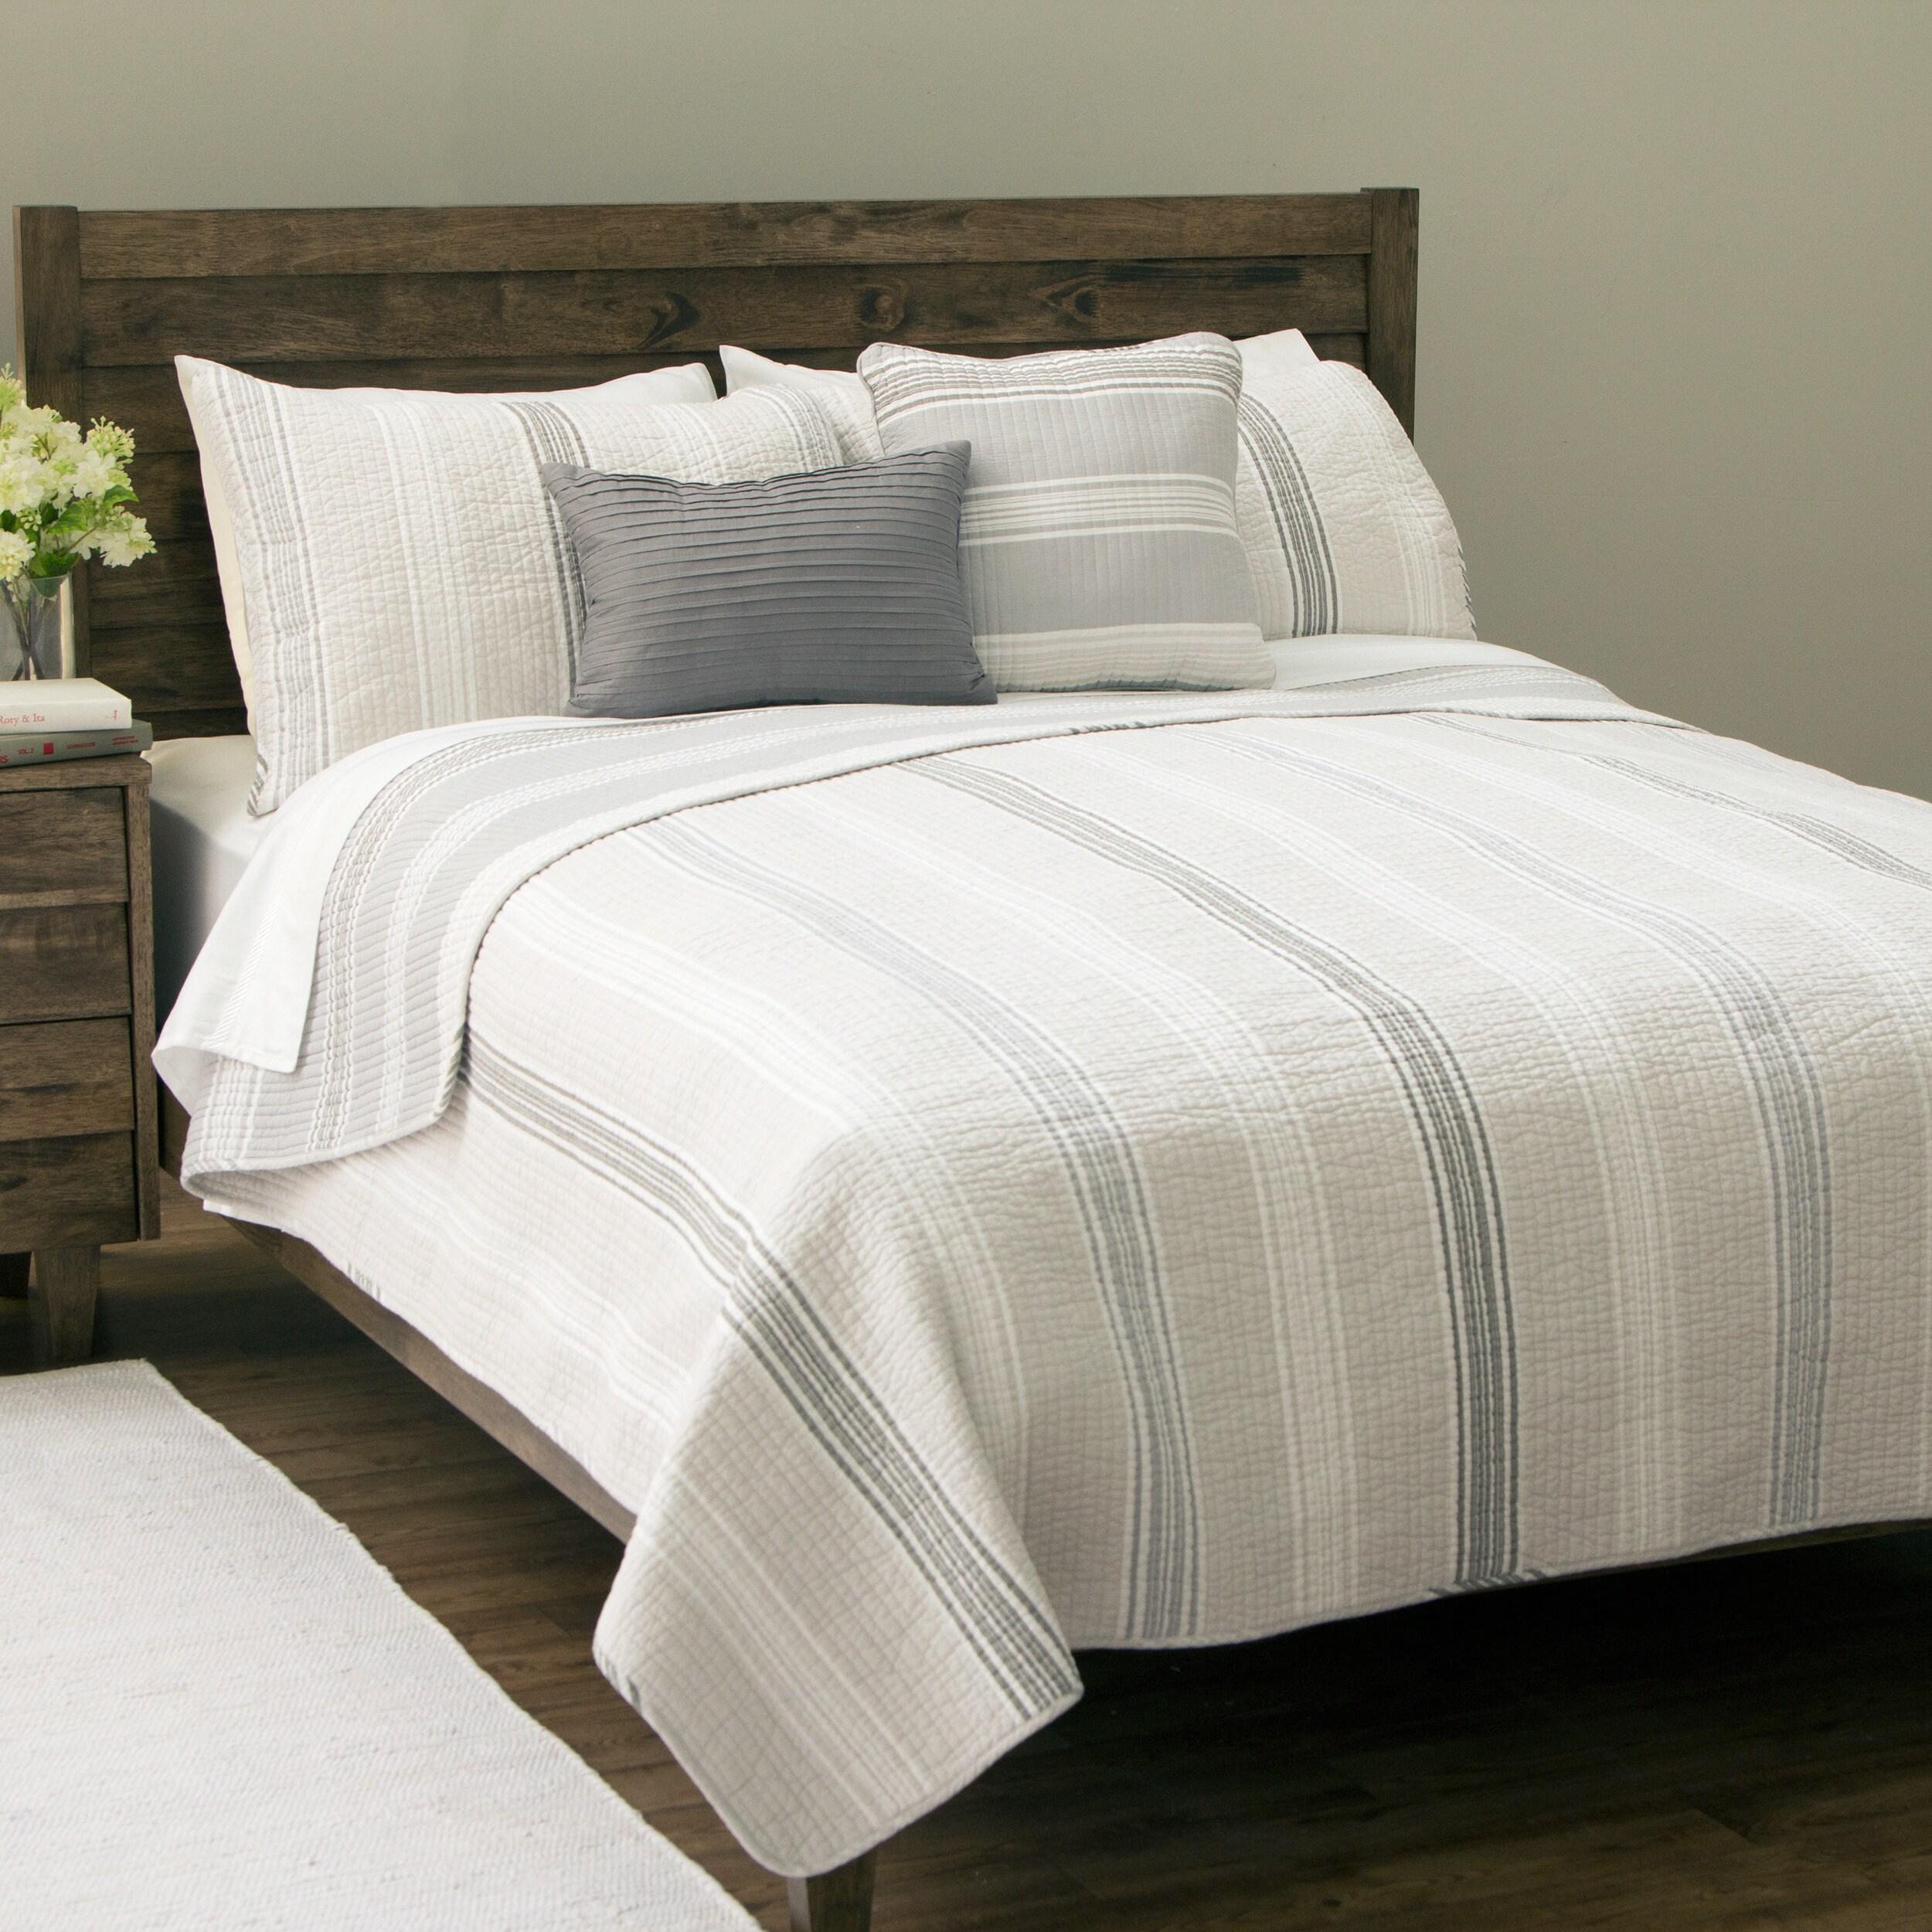 Retro Chic Retro Stripe Cotton Quilt y comentarios (elegir que se ajusta, se adapta bien a)